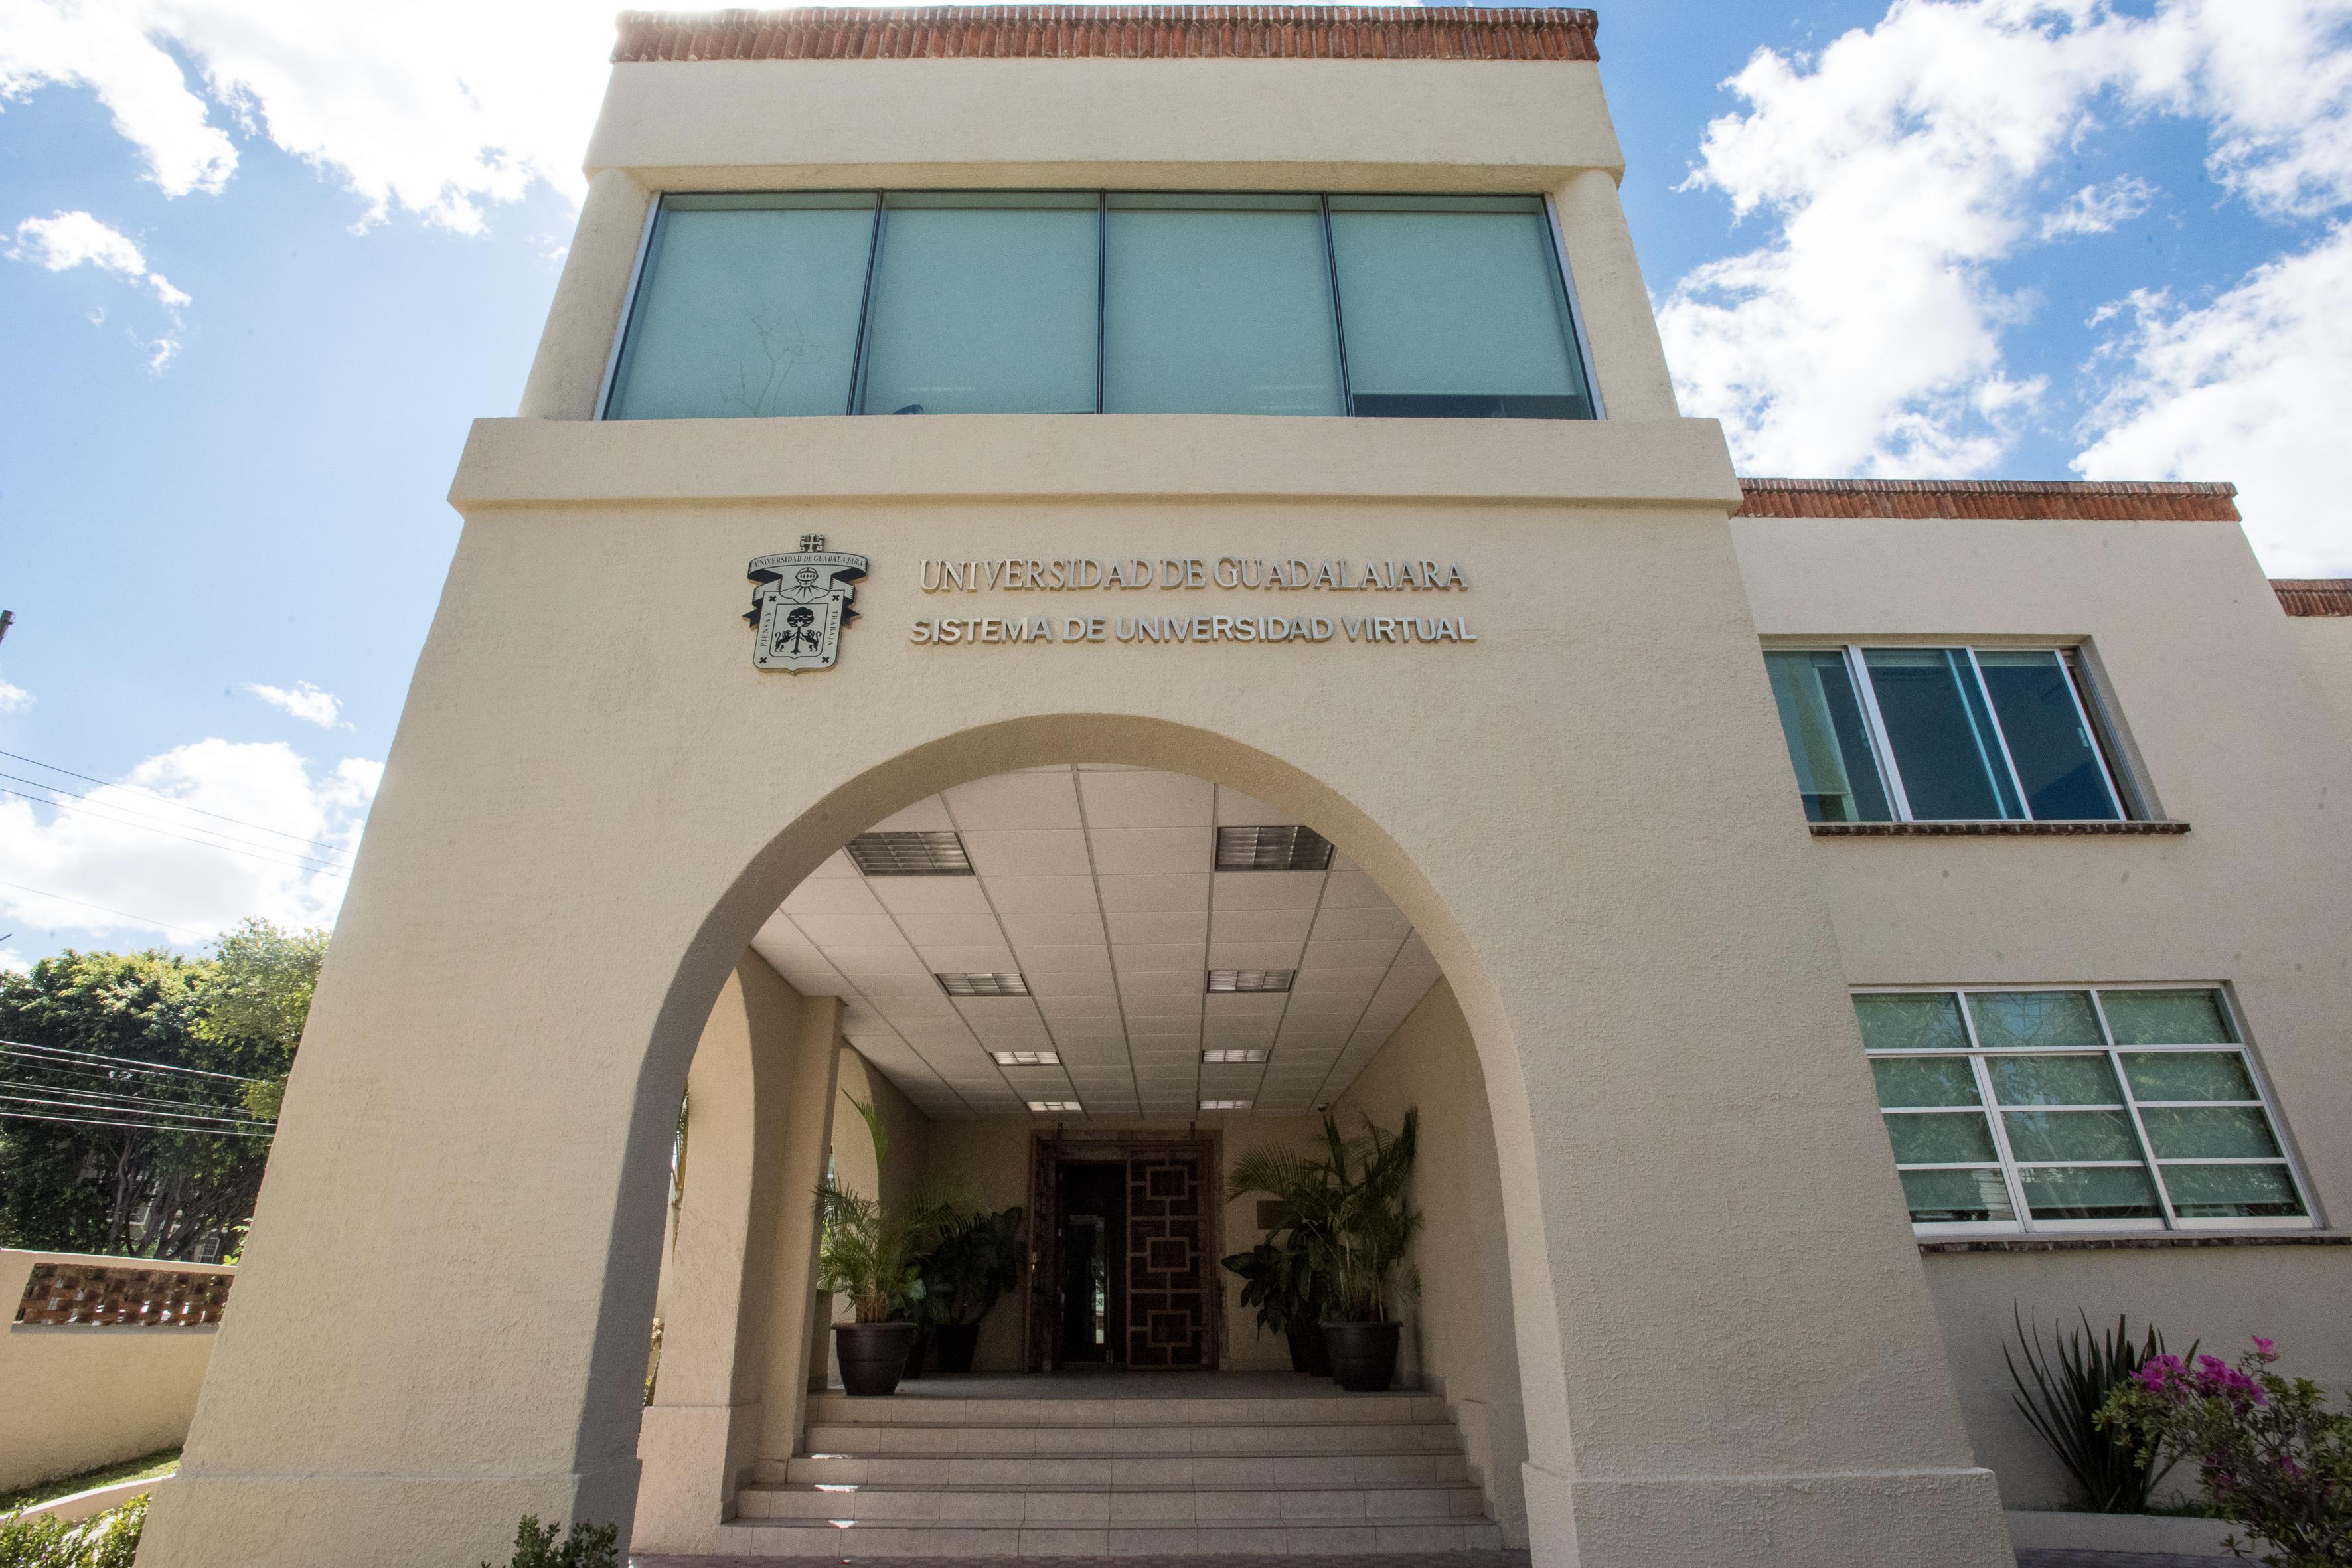 Acceso a las instalaciones del Sistema de Universidad Virtual dependiente de la Universidad de Guadalajara.